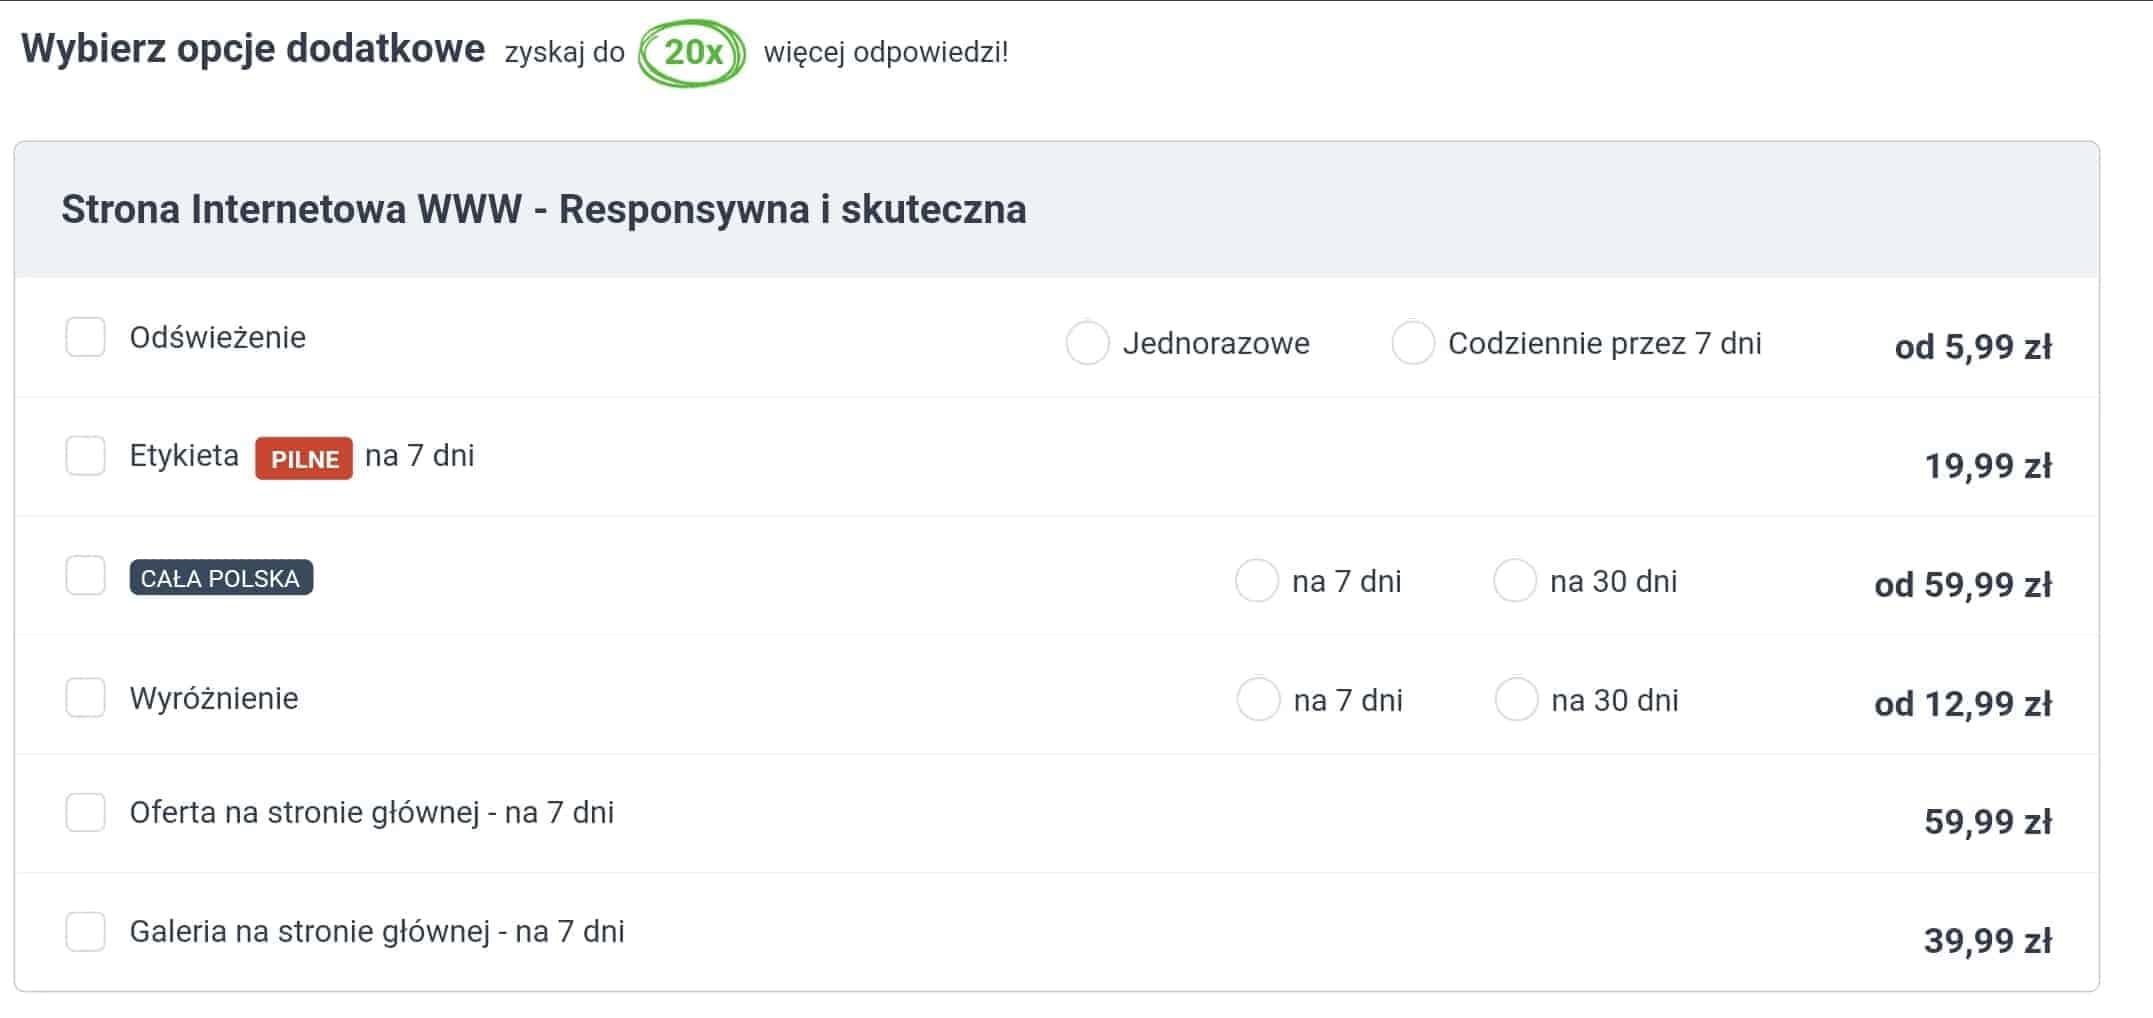 Sprzedajemy.pl cennik promowania